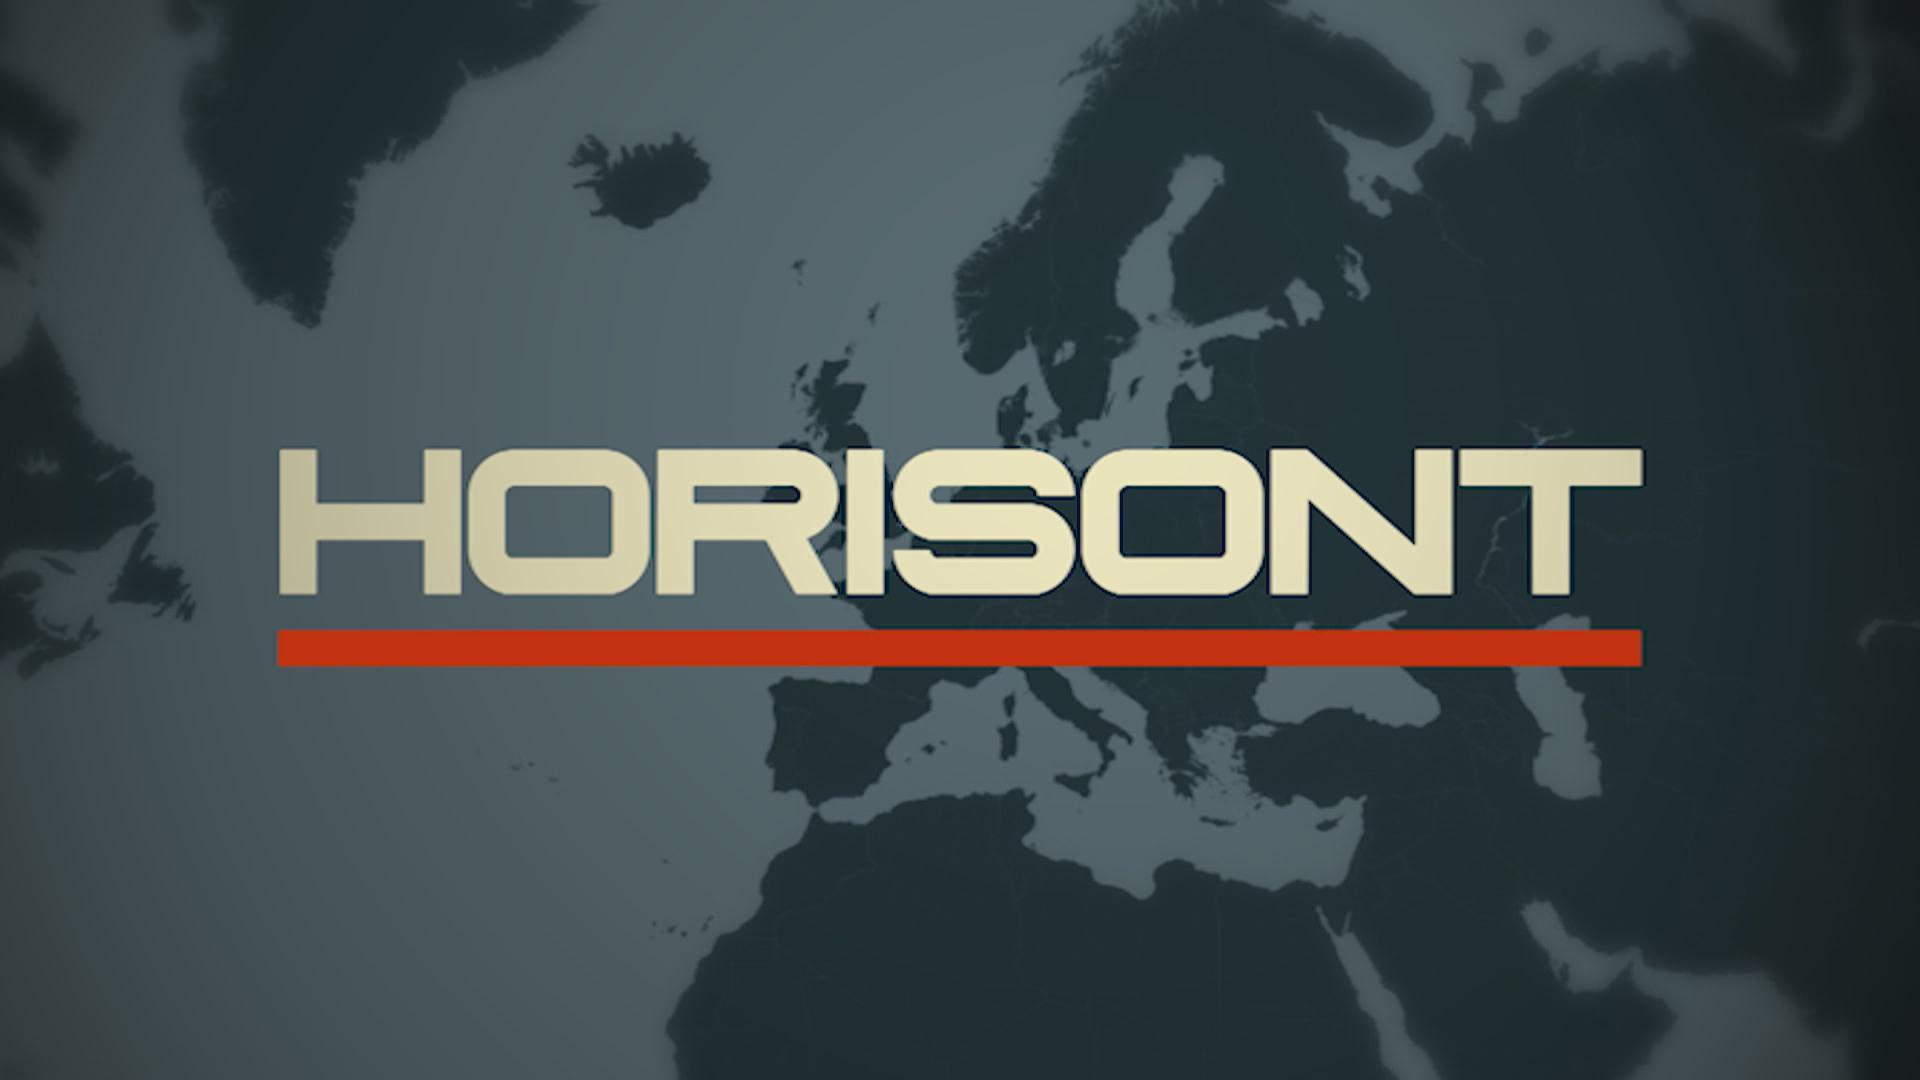 horisont_logo2.jpeg